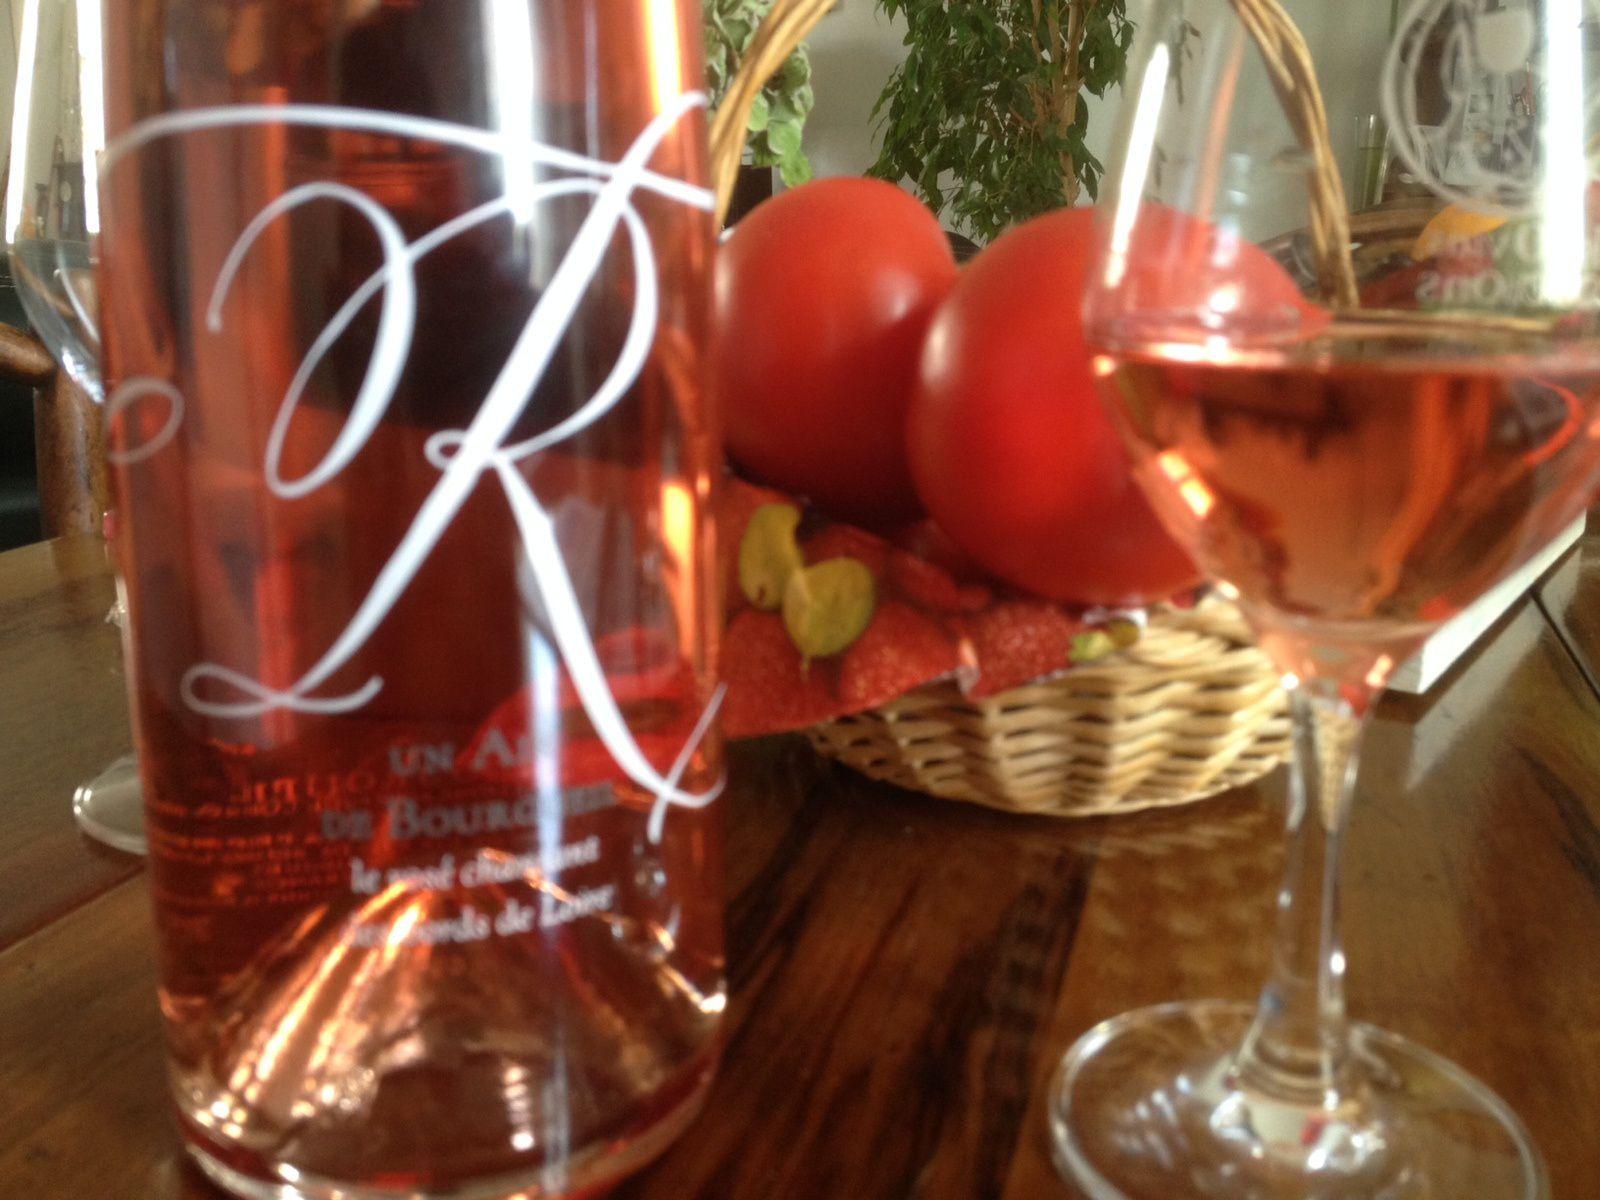 - Une élégante bouteille blanche décorée d'un grand R stylisé pour cette cuvée Air de Bourgueil  de la Cave des Vins de Bourgueil à Restigné. Ce « rosé chantant des bords de Loire », comme l'indique l'étiquette, est a aussi un vin bio, cent pour cent cabernet franc, issu à 70% de pressurage direct et à 30% de saignée pris sur les cuves en macération. Robe colorée et brillante, nez vineux sur le fruit frais et des notes exotiques, belle présence en bouche, pleine de caractère, notes acidulées et longueur gourmande. Cet R chante juste... 6 euros